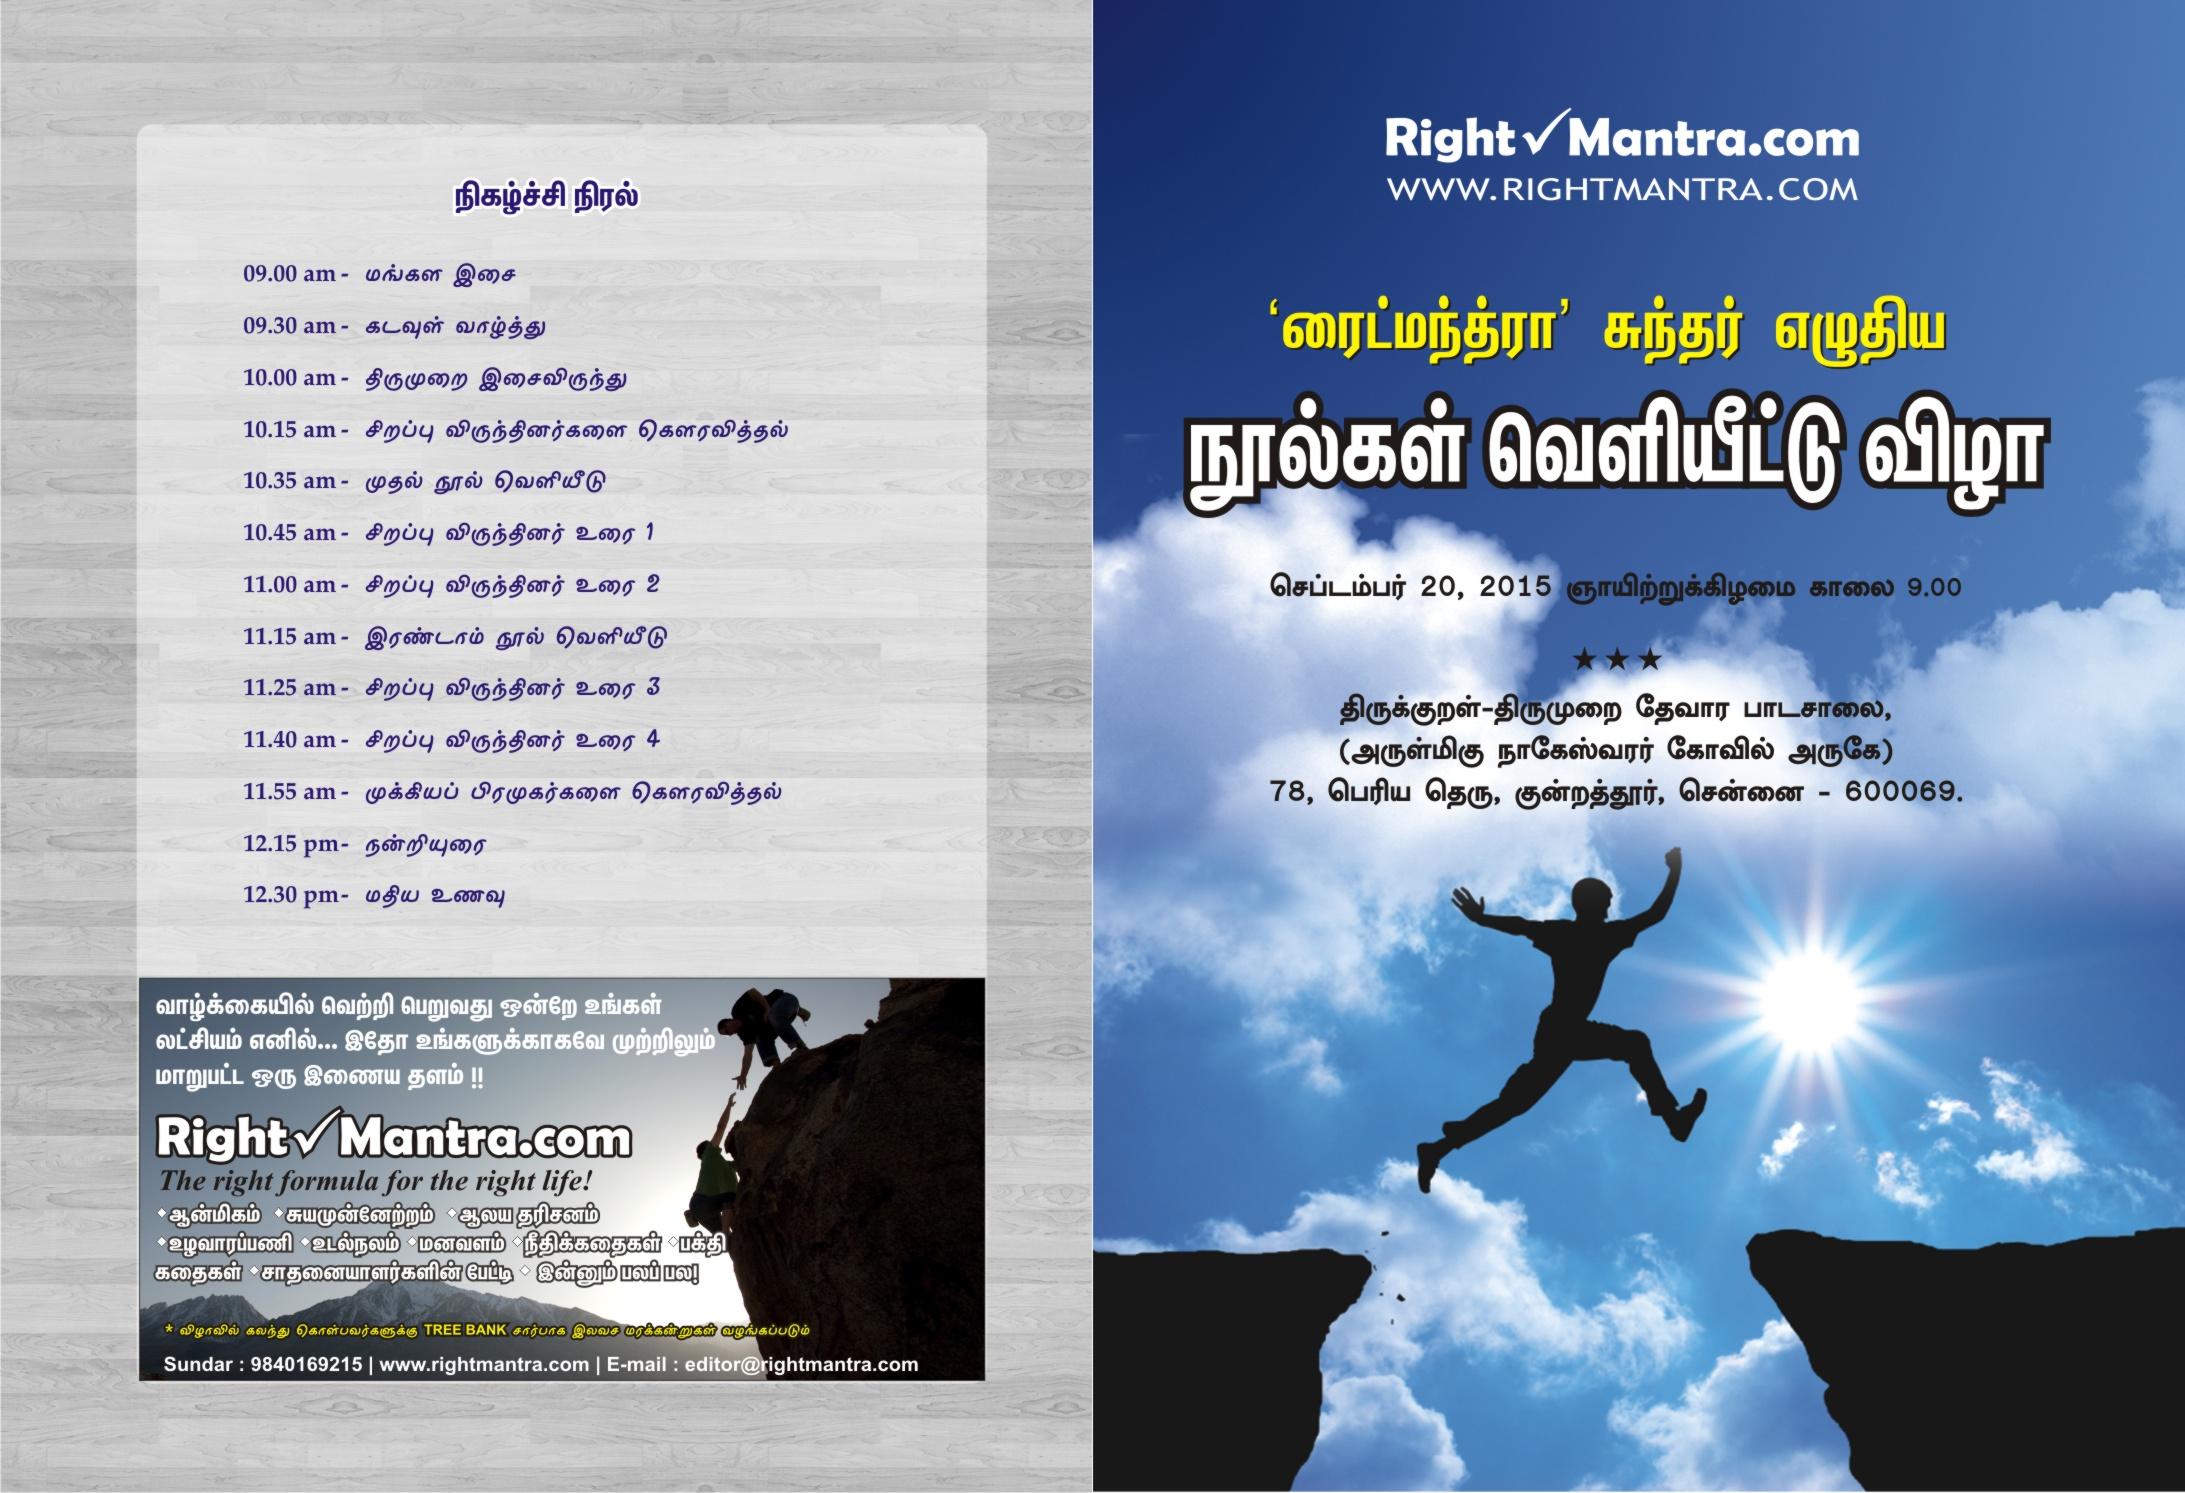 Rightmantra Invite 1